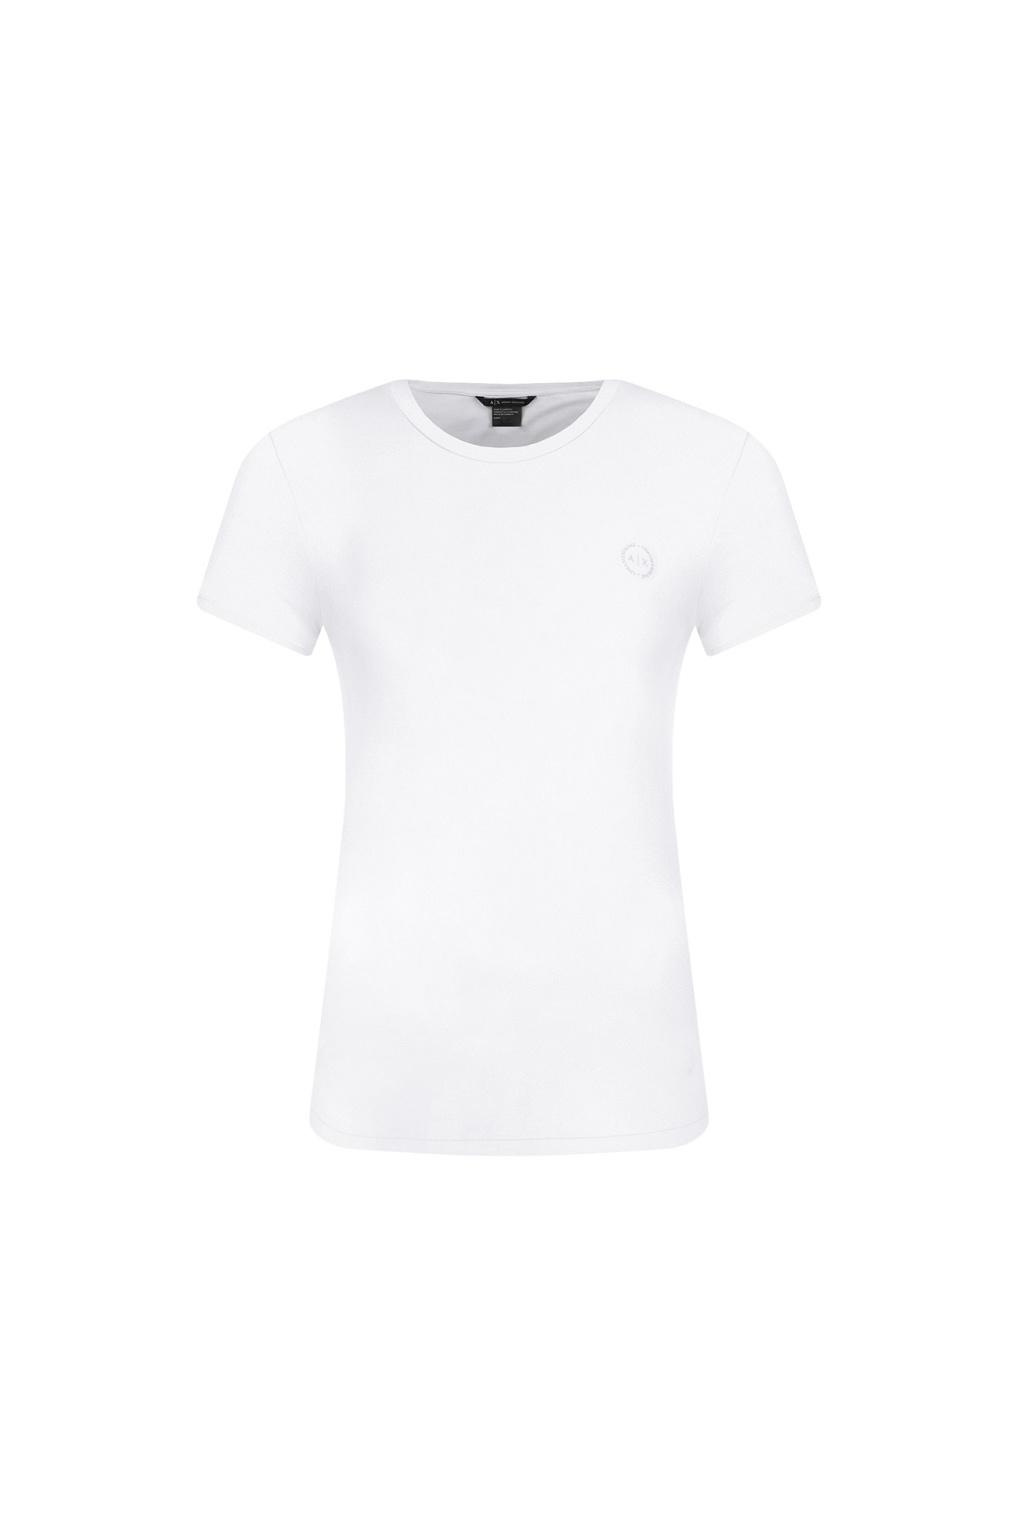 8NYT74 Y8C7Z Dámské tričko Armani Exchange bílé